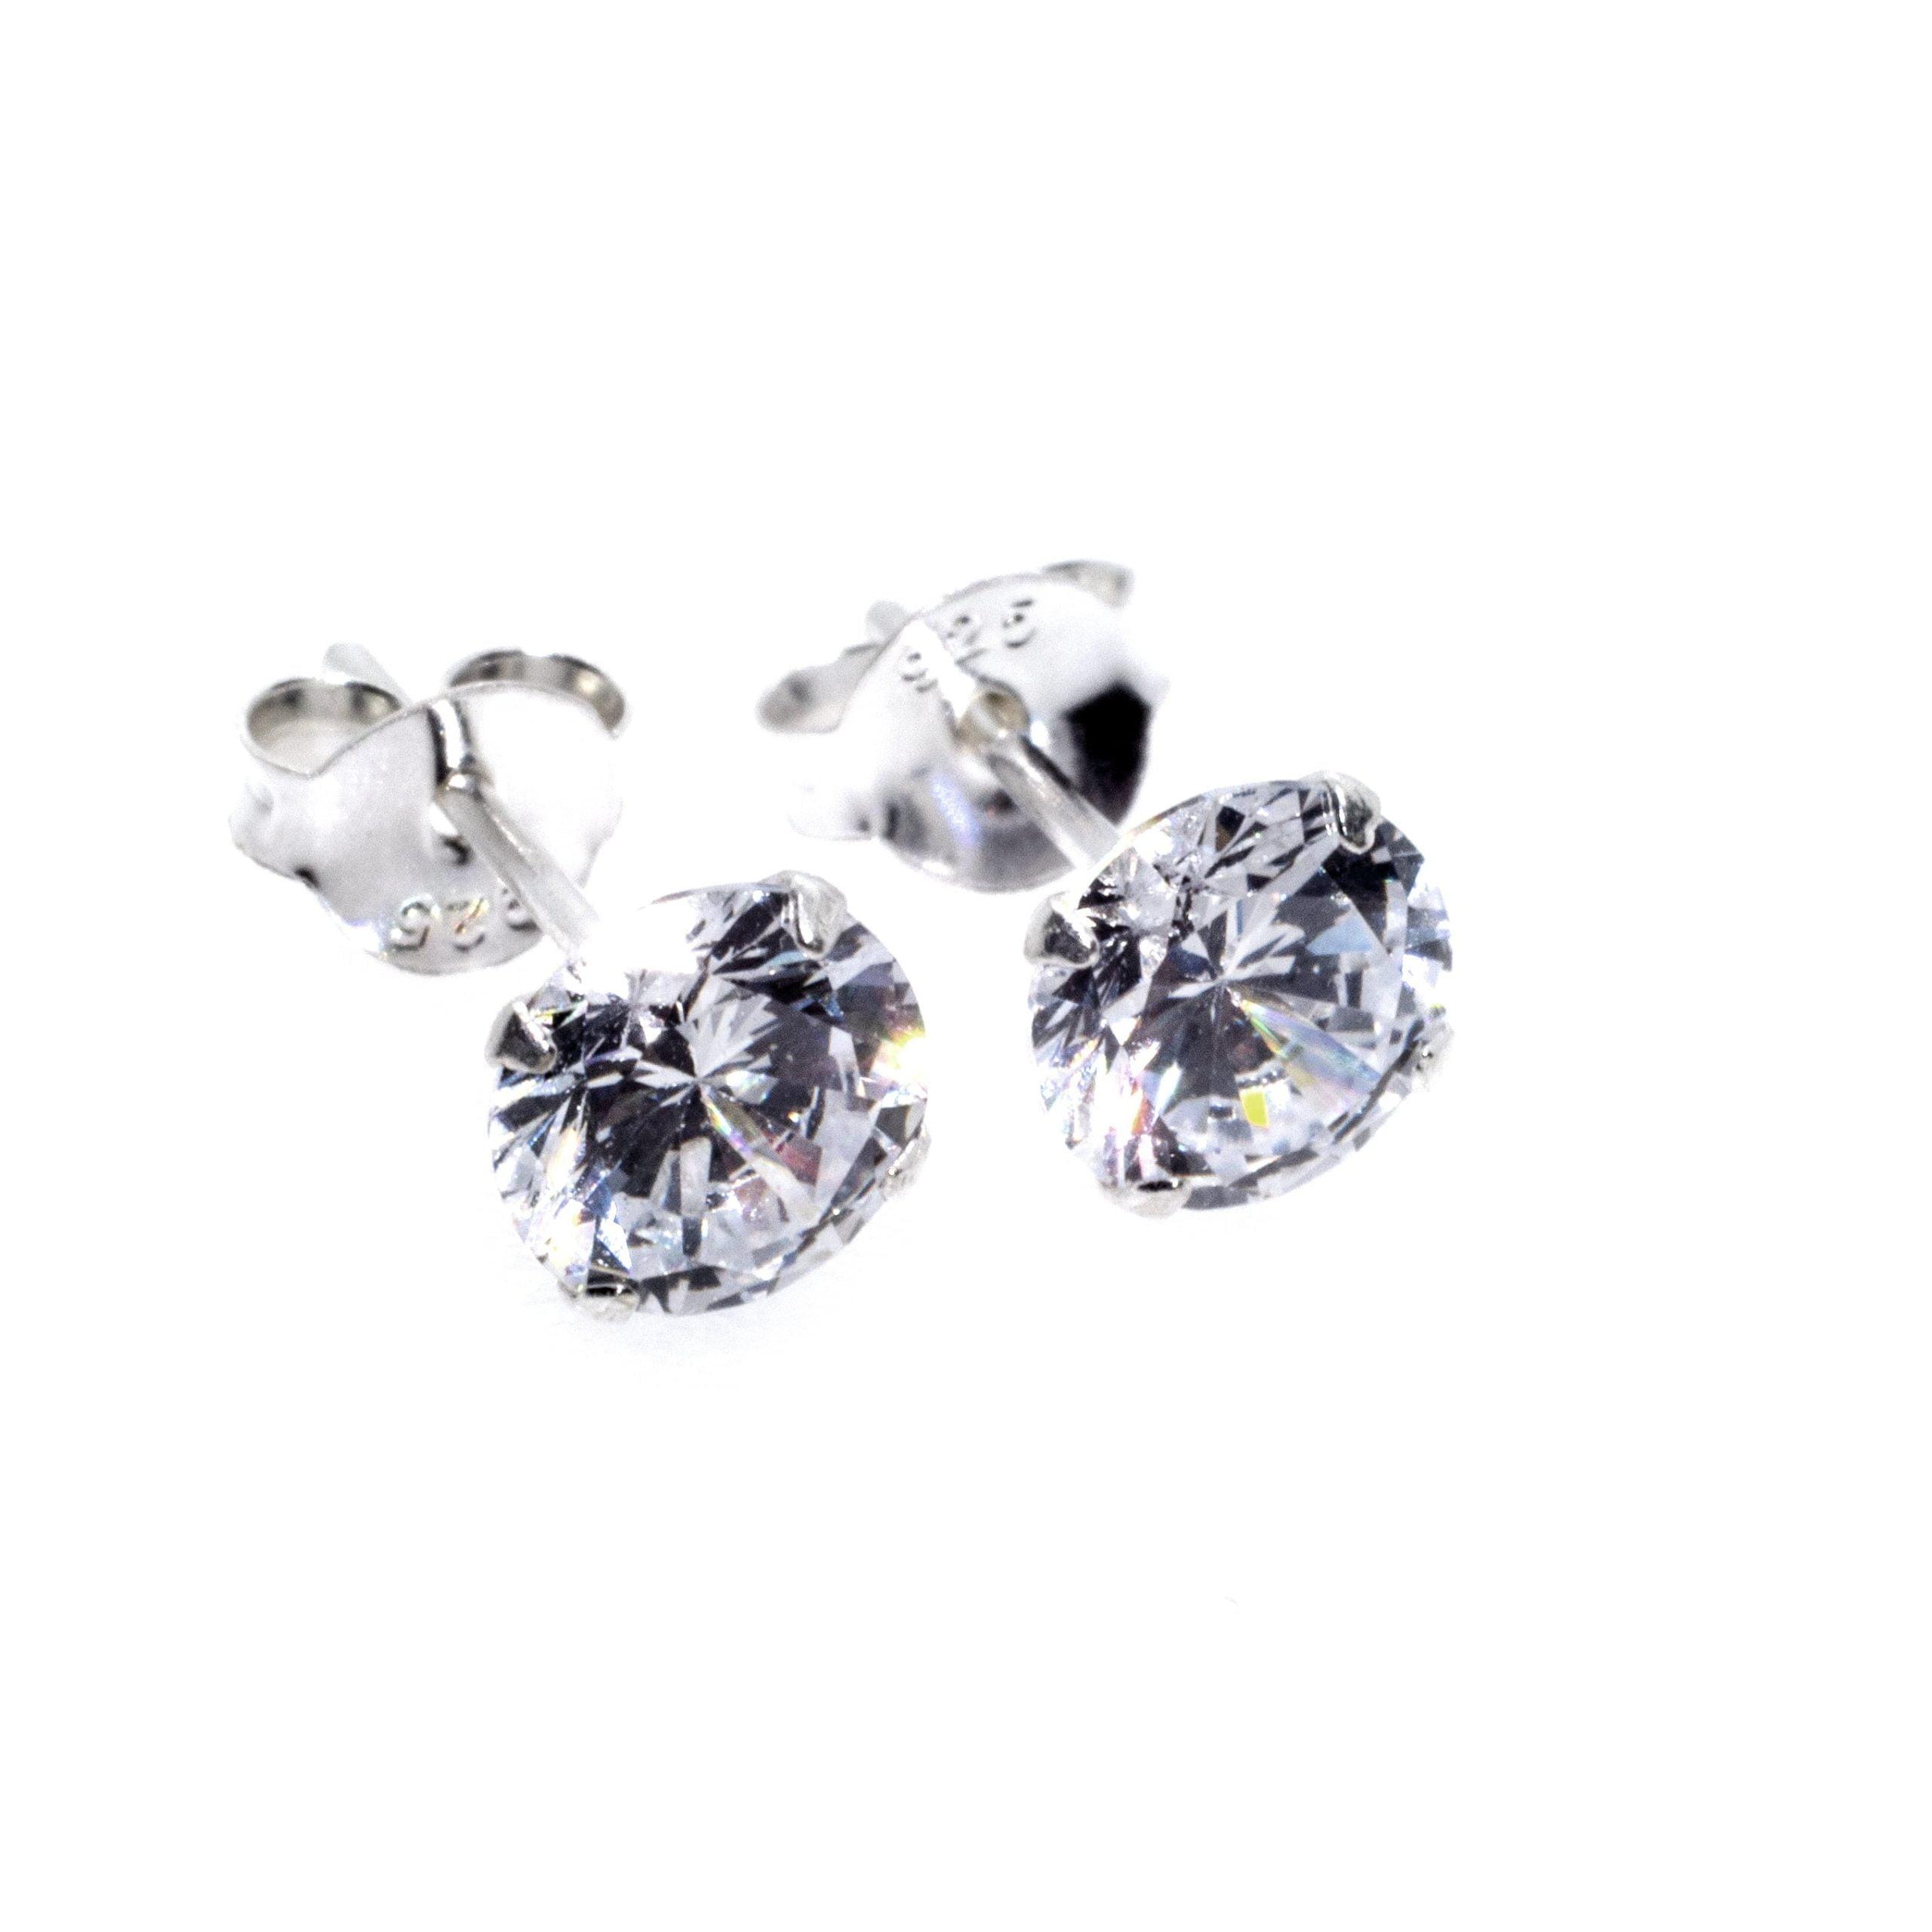 silver cz stud 6mm earrings alt 1